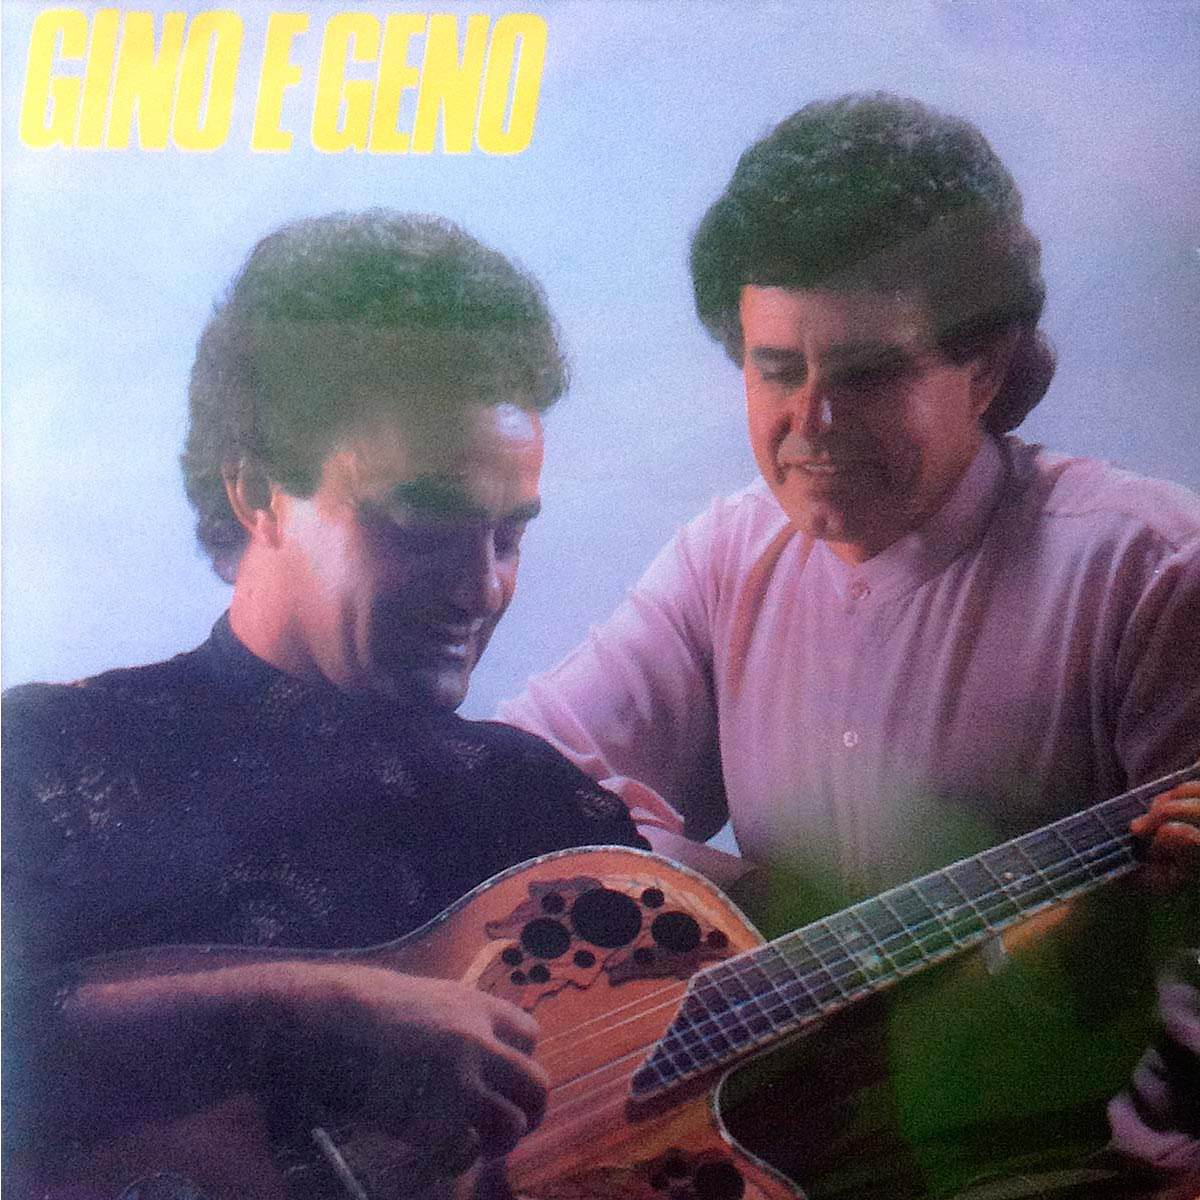 CD Gino & Geno Procurando Treta